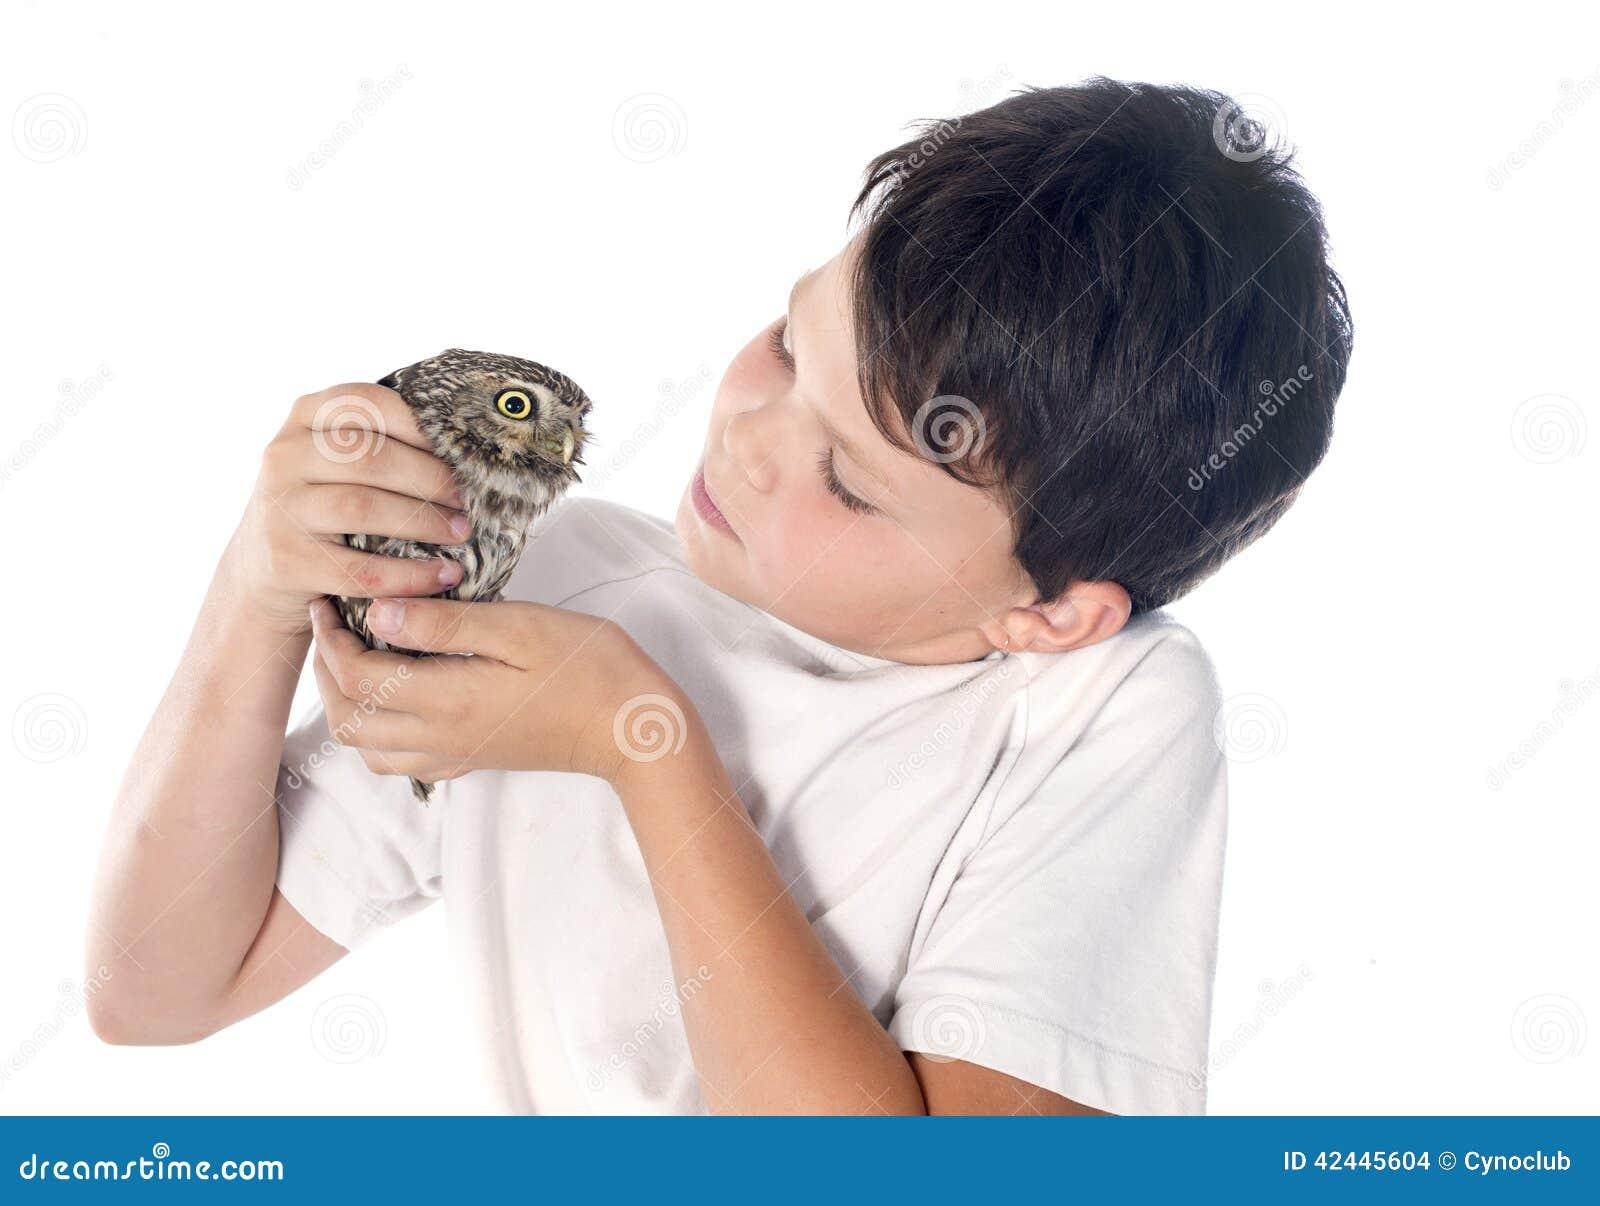 Pequeño búho y niño